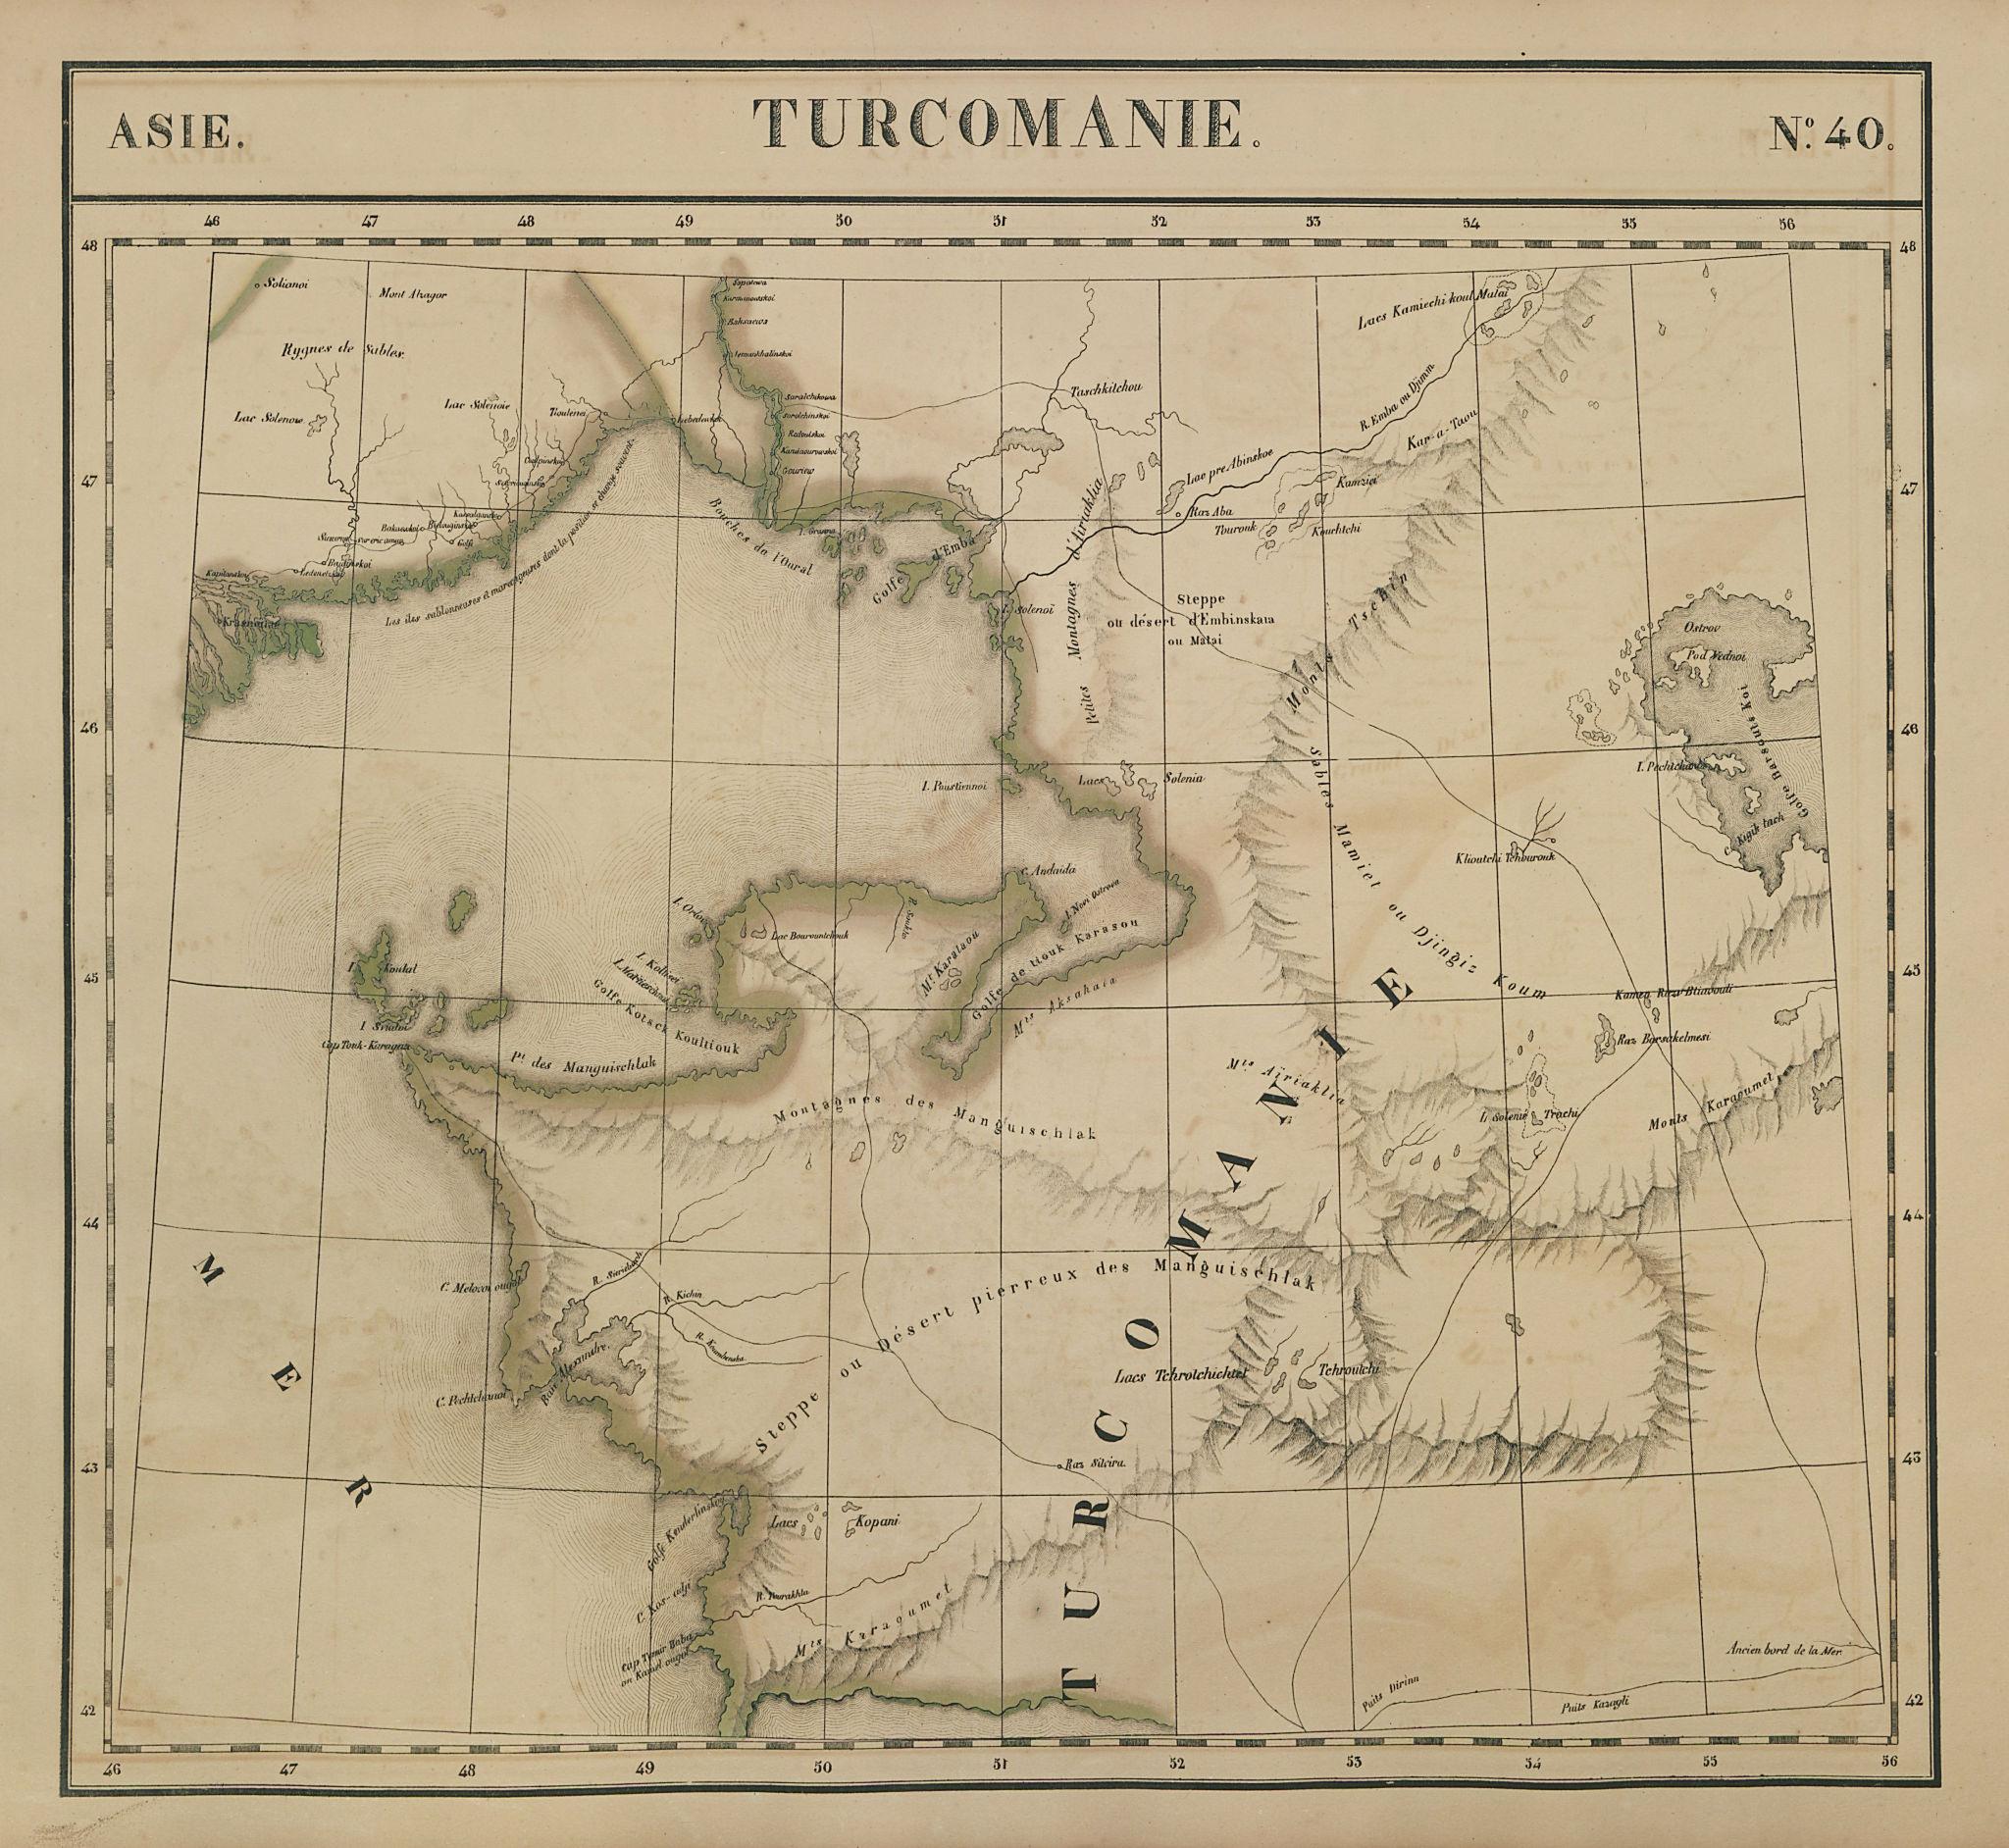 Asie. Turcomanie #40 Caspian Sea. Kazakhstan Uzbekistan. VANDERMAELEN 1827 map